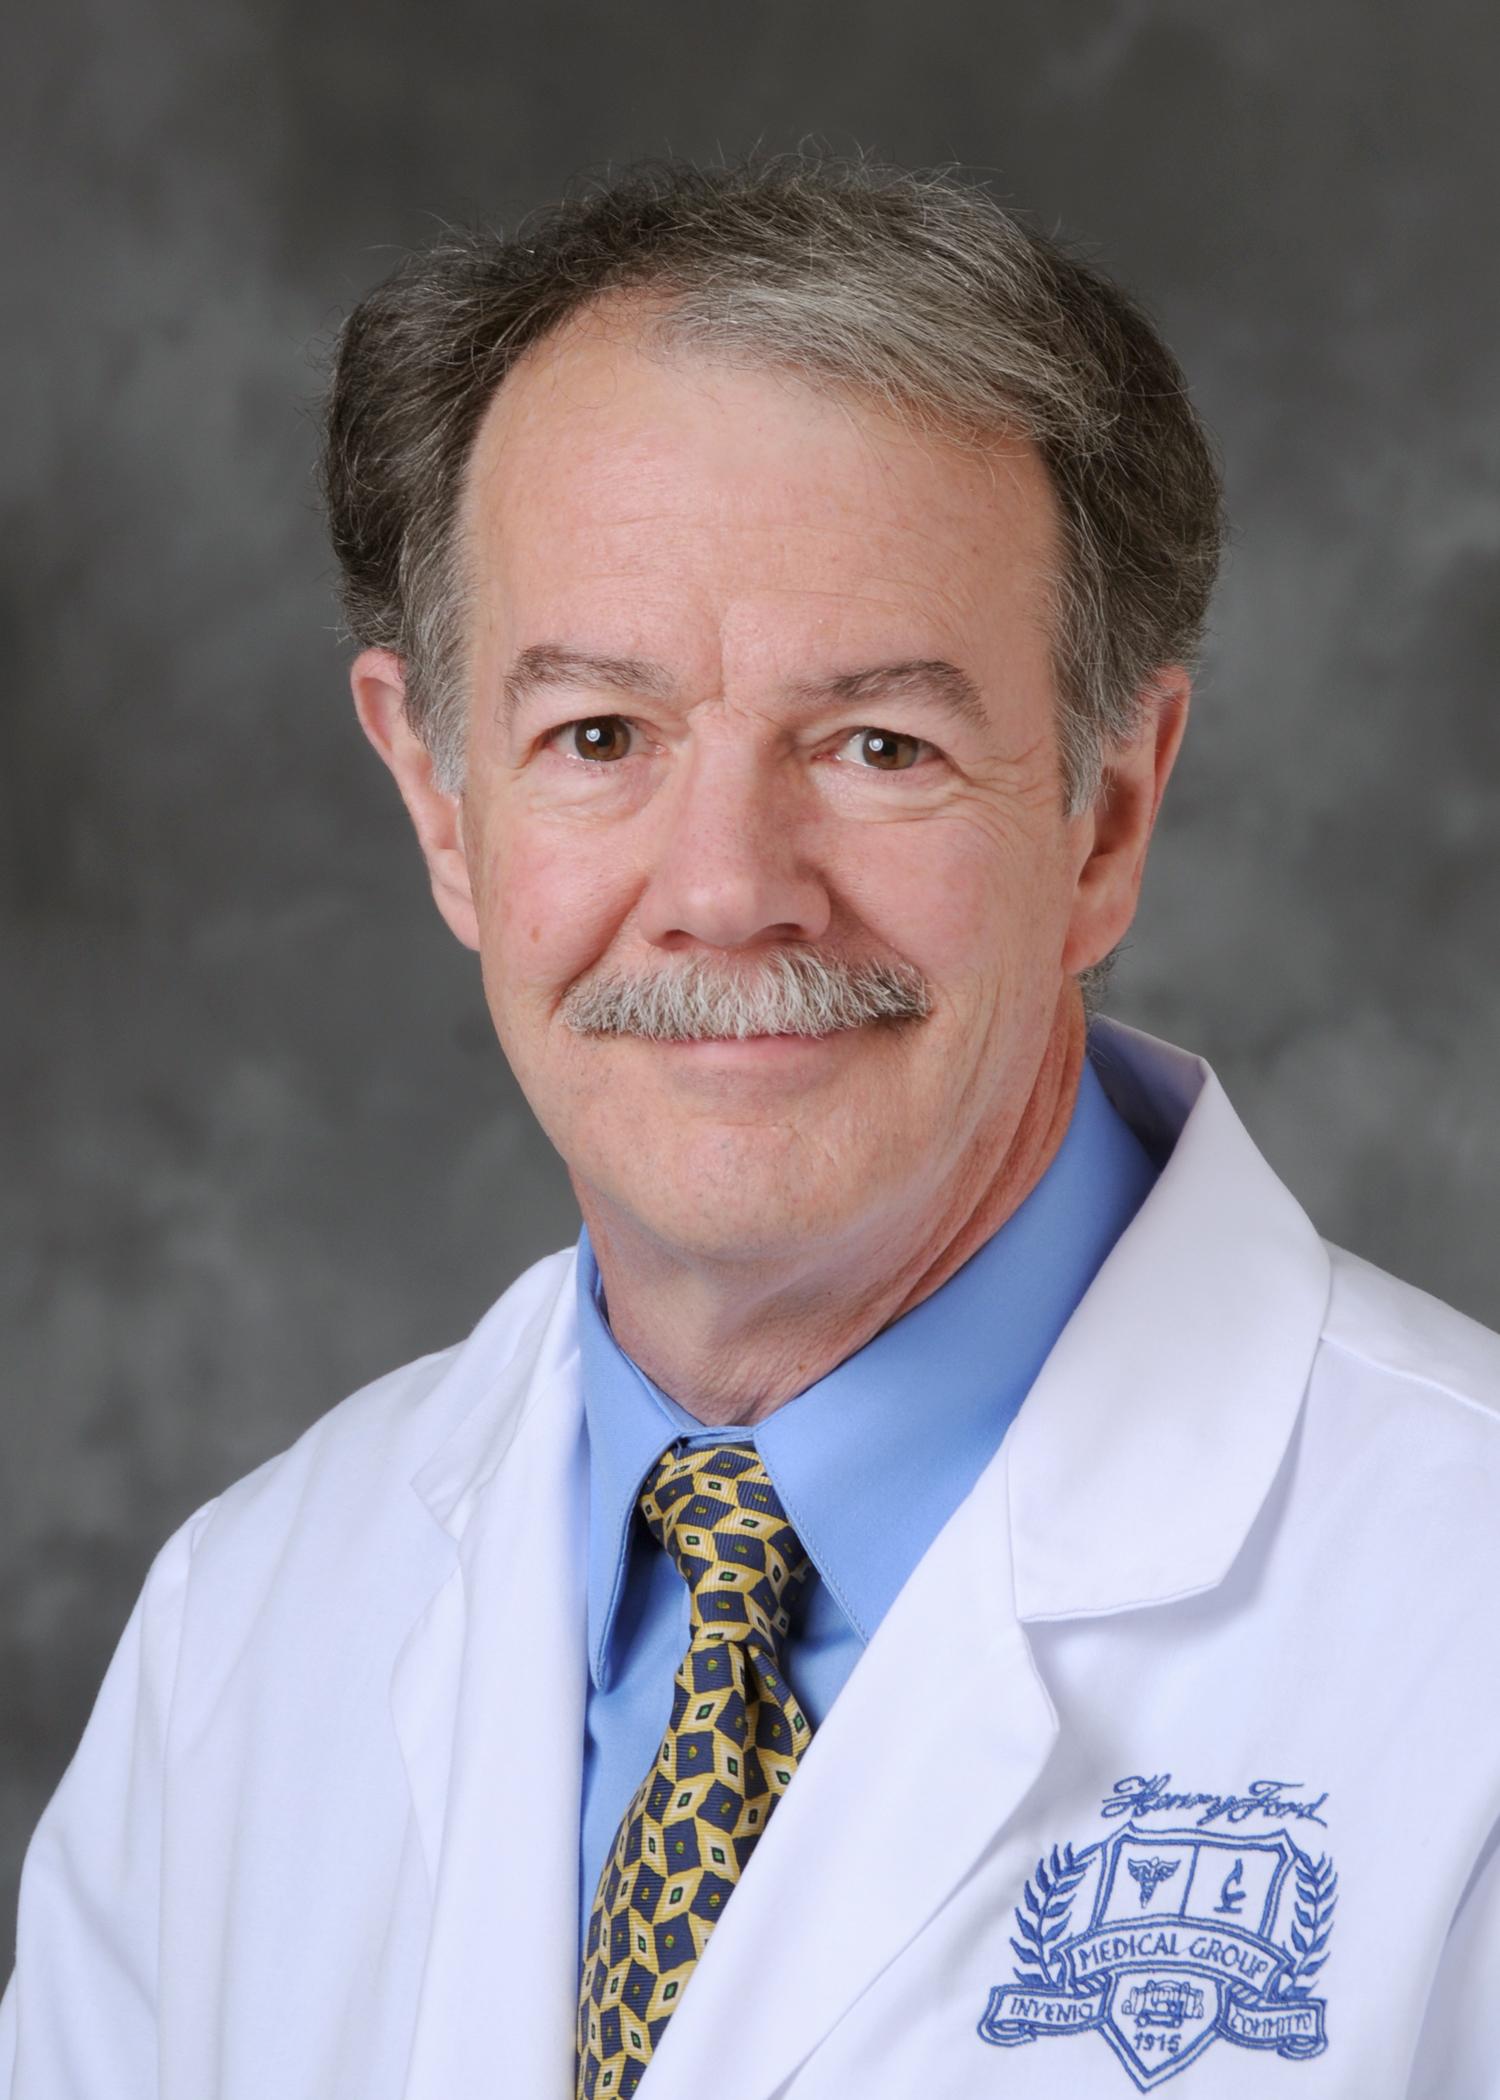 Peter LeWitt, M.D.